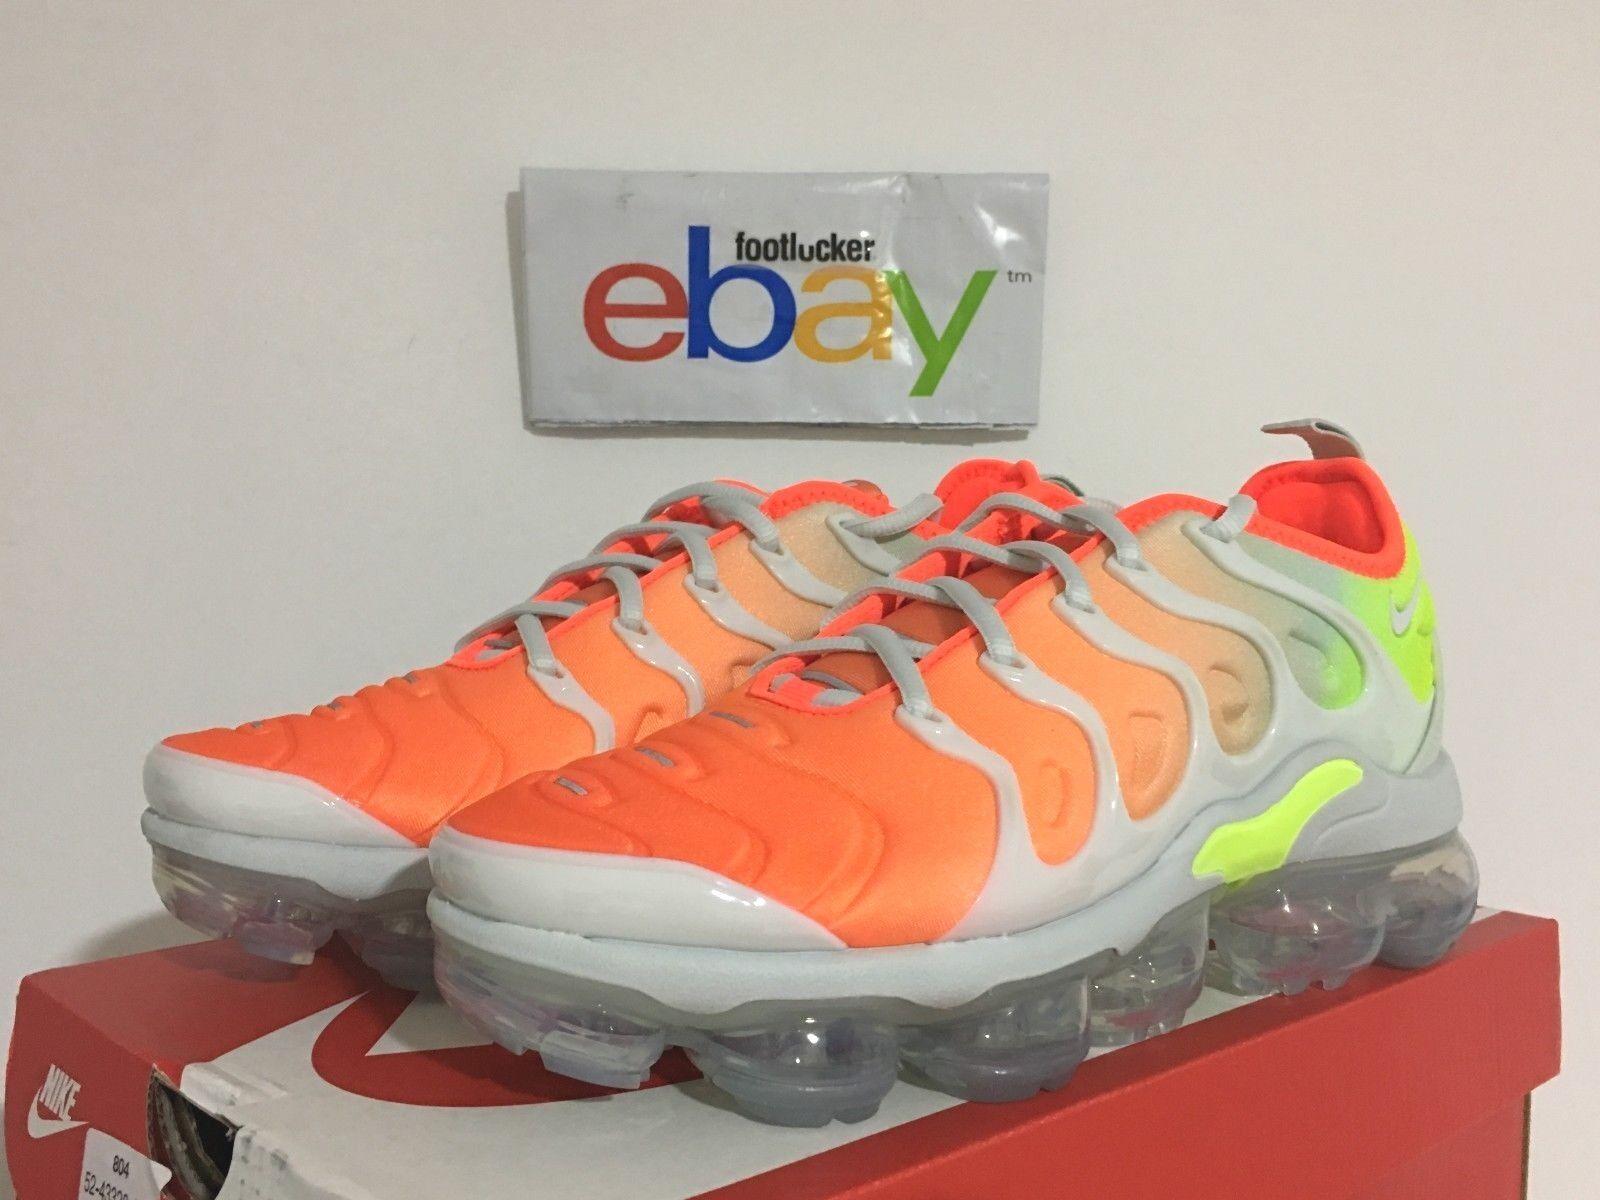 Nike Air Vapormax Plus Reverse Sunset Orange Grey Neon Women's 6-11